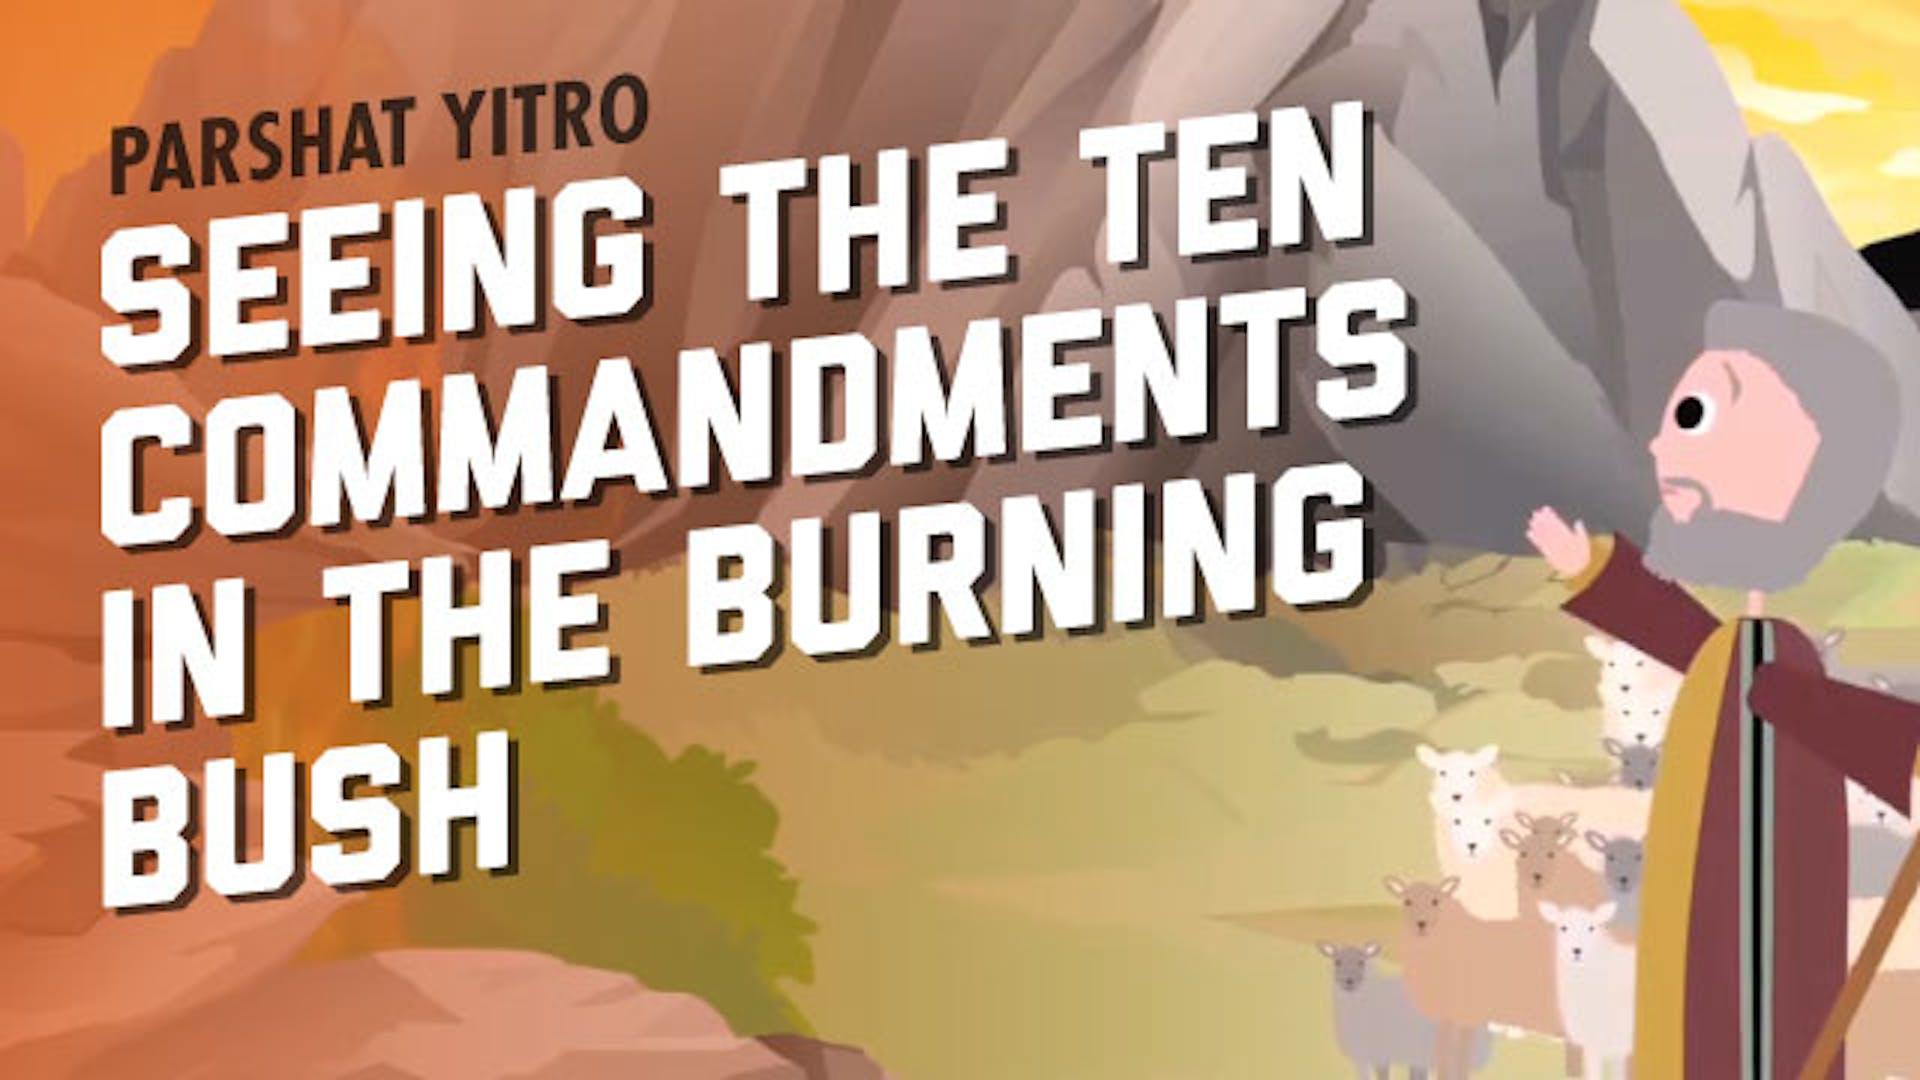 Burning bush ten commandments meaning